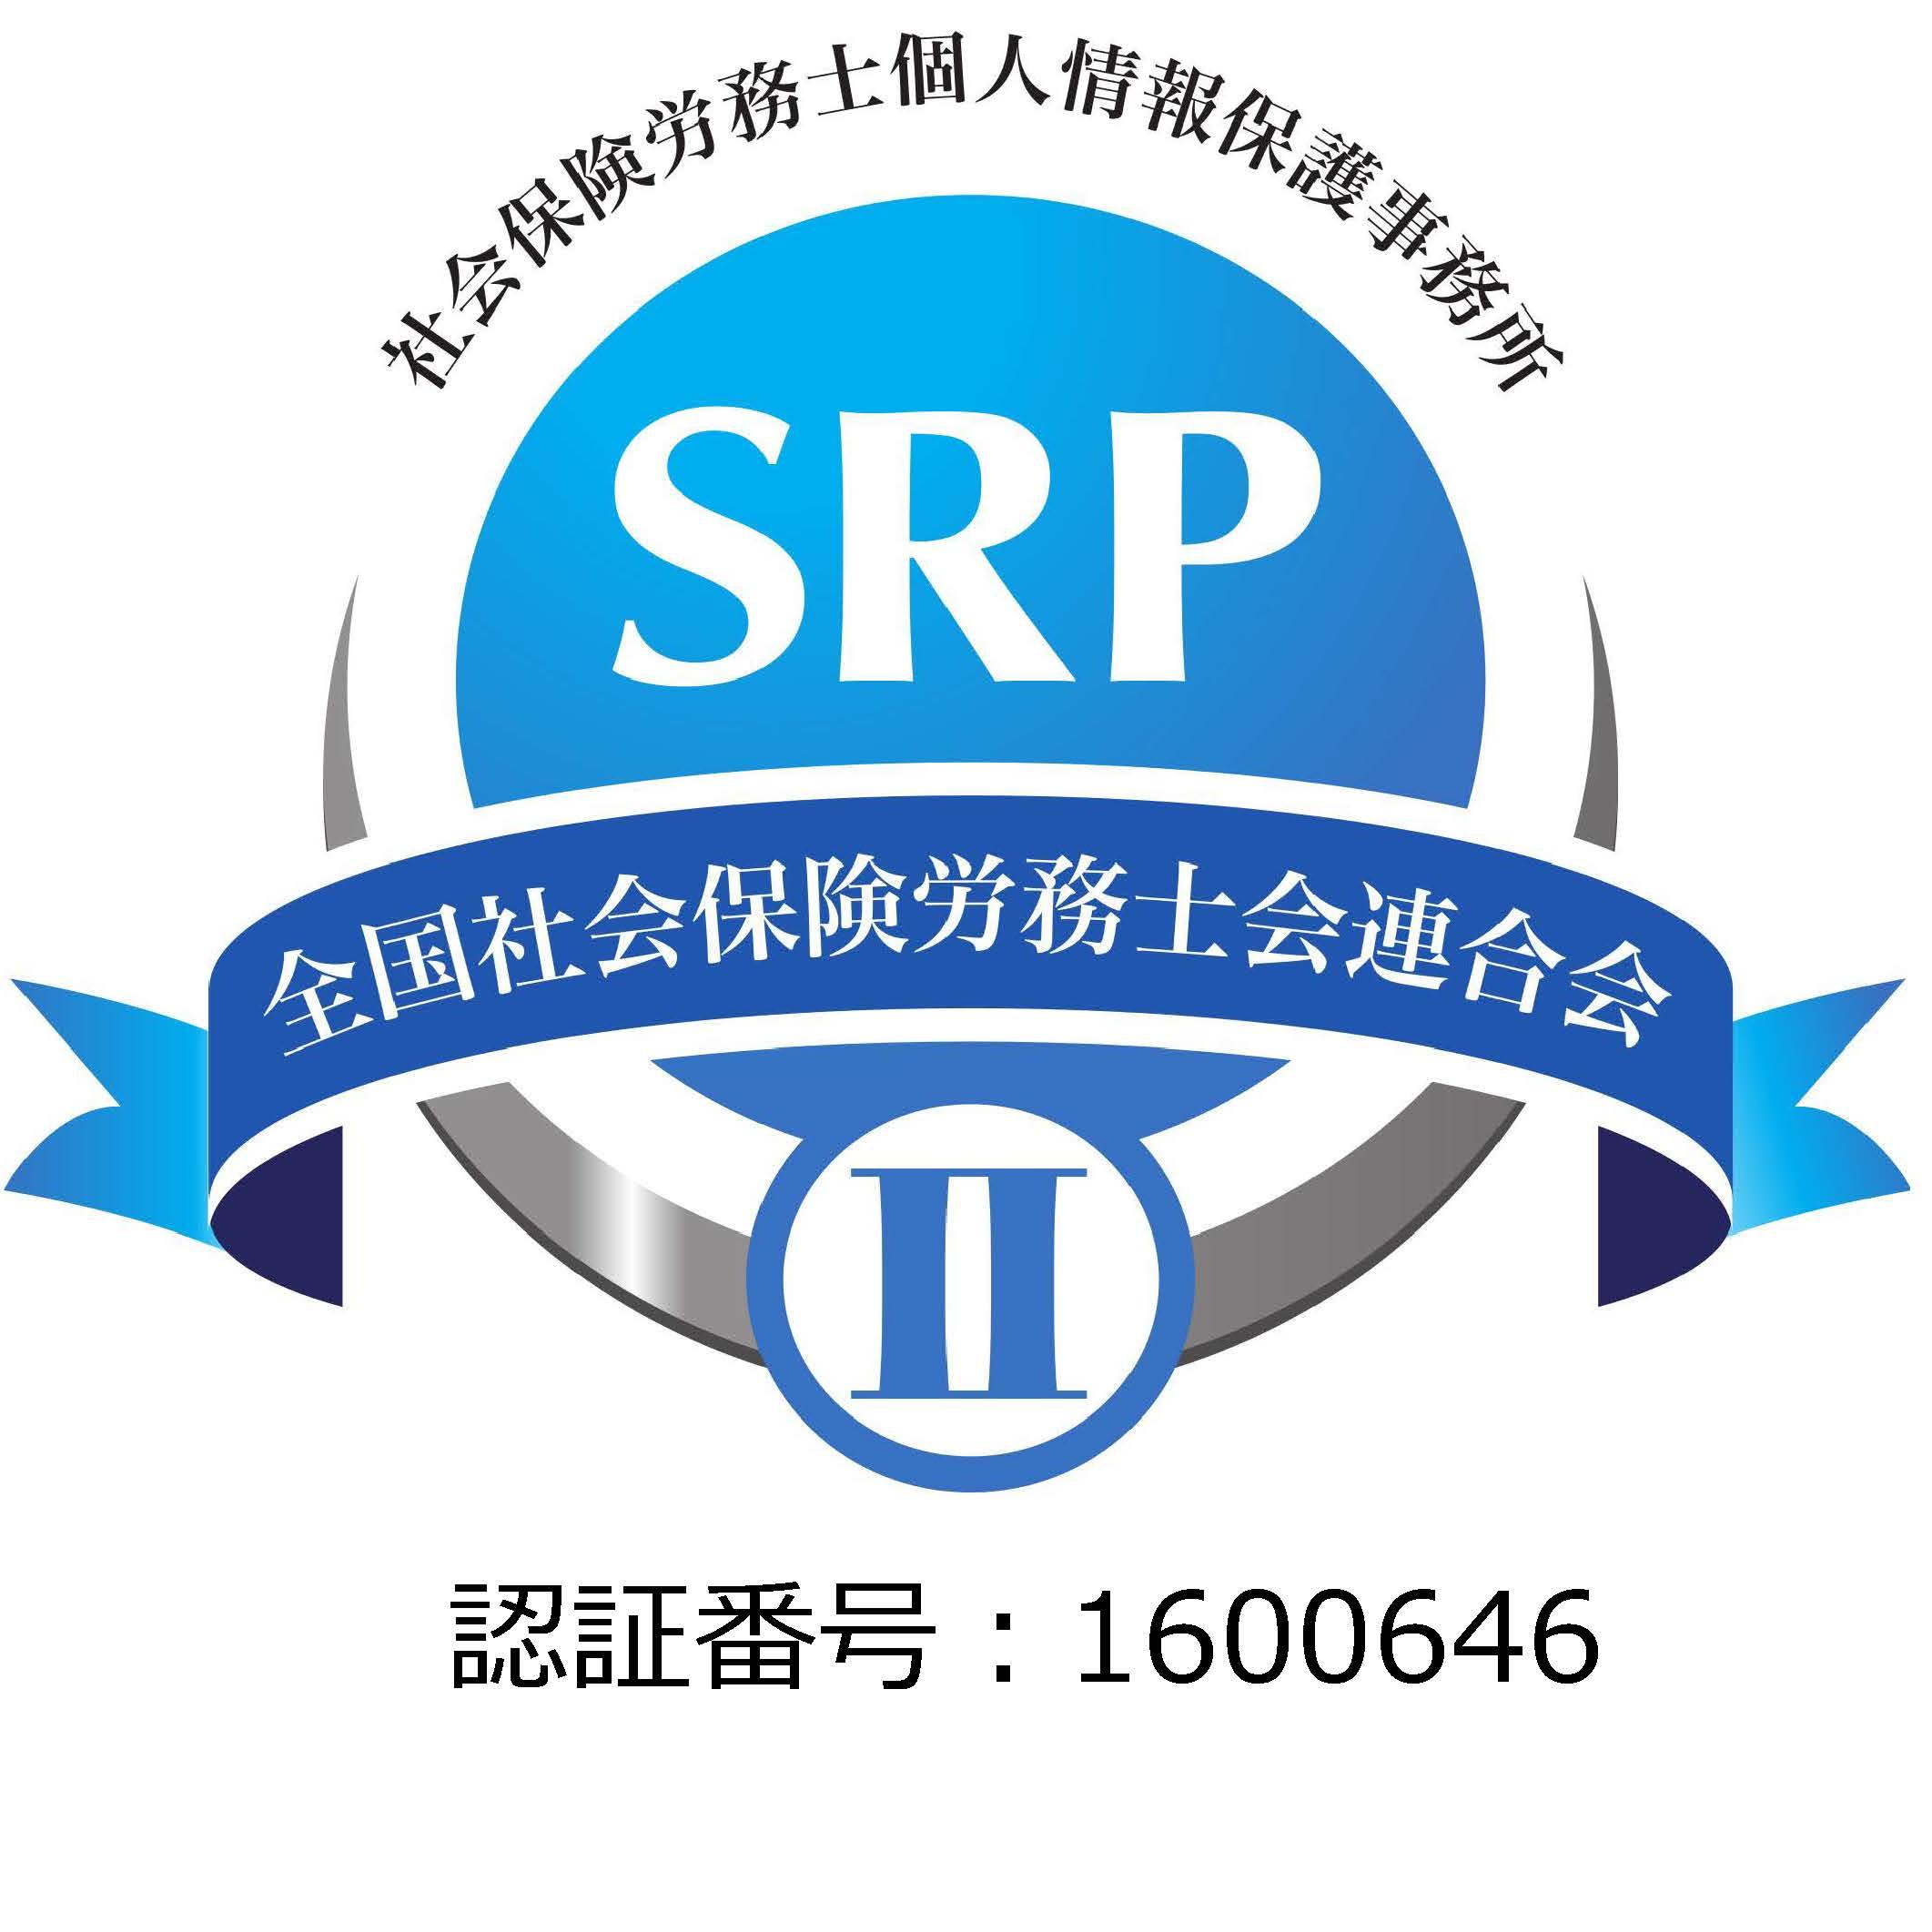 社会保険労務士個人情報保護事務所 SRP2 認証番号1600646